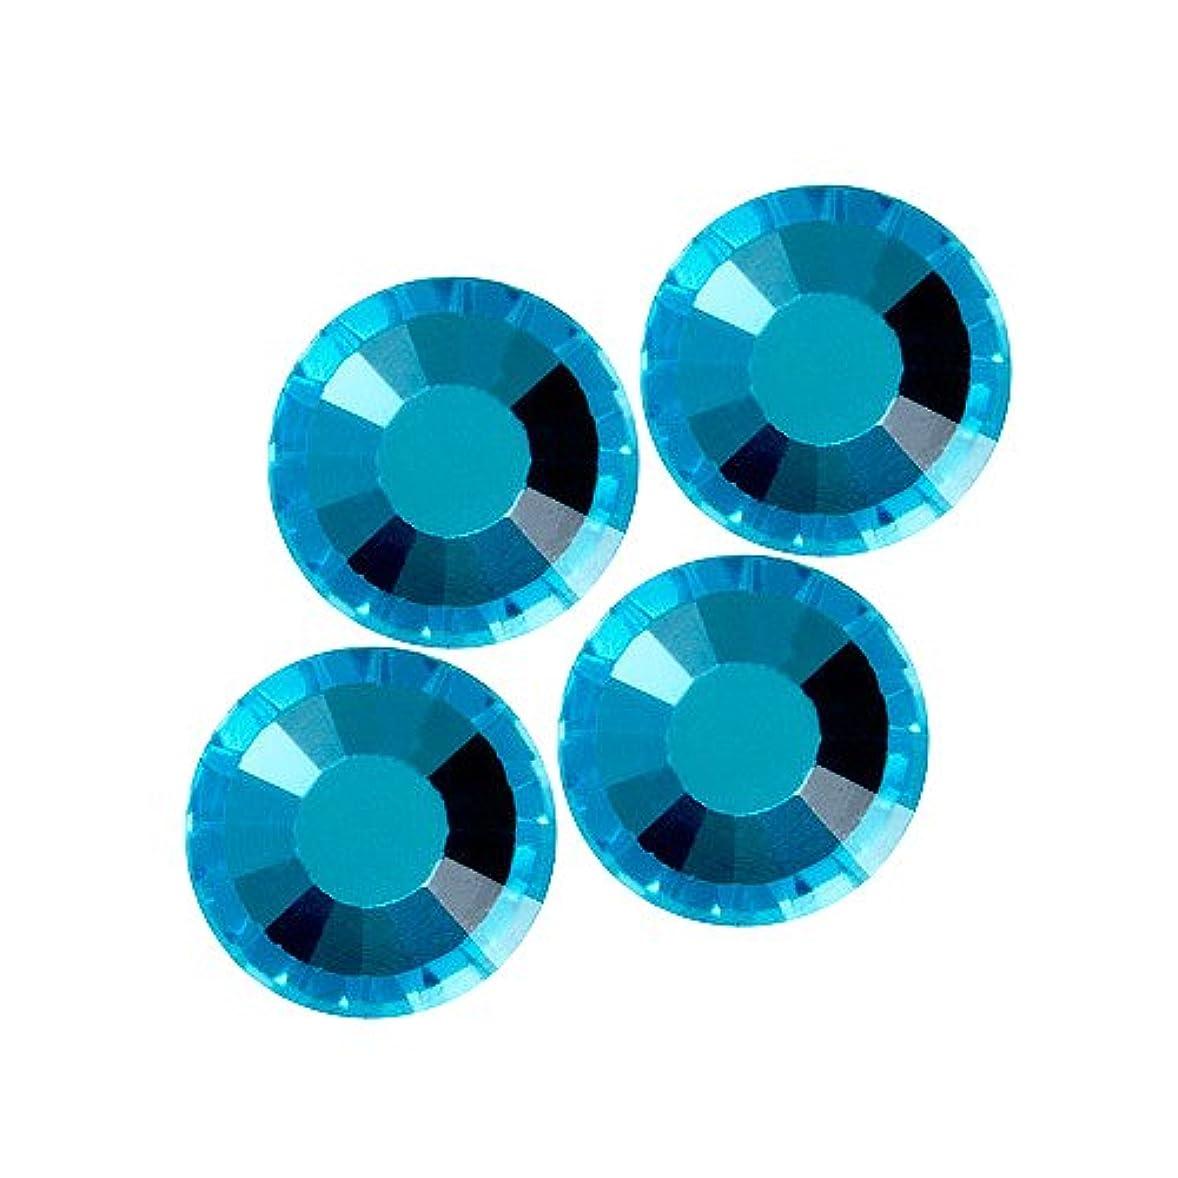 ありふれた変更会うバイナル DIAMOND RHINESTONE アクアマリン SS4 1440粒 ST-SS4-AQM-10G